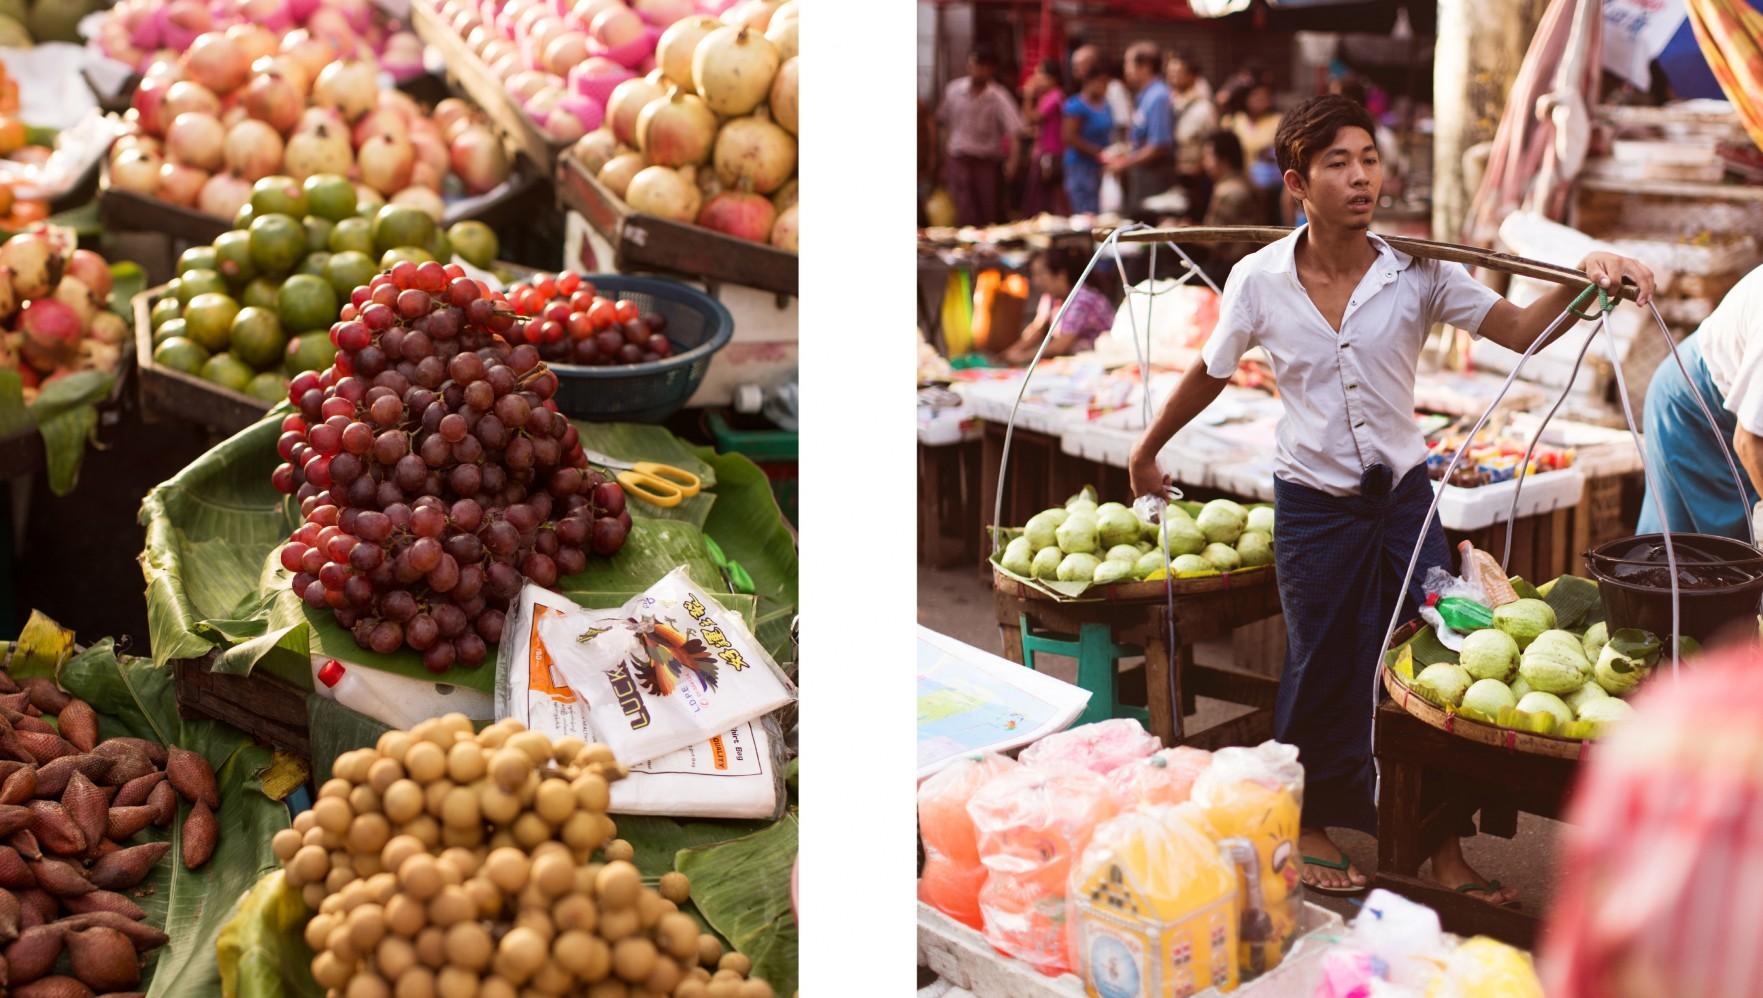 Sean-Fennessy-Yangon-Myanmar-185